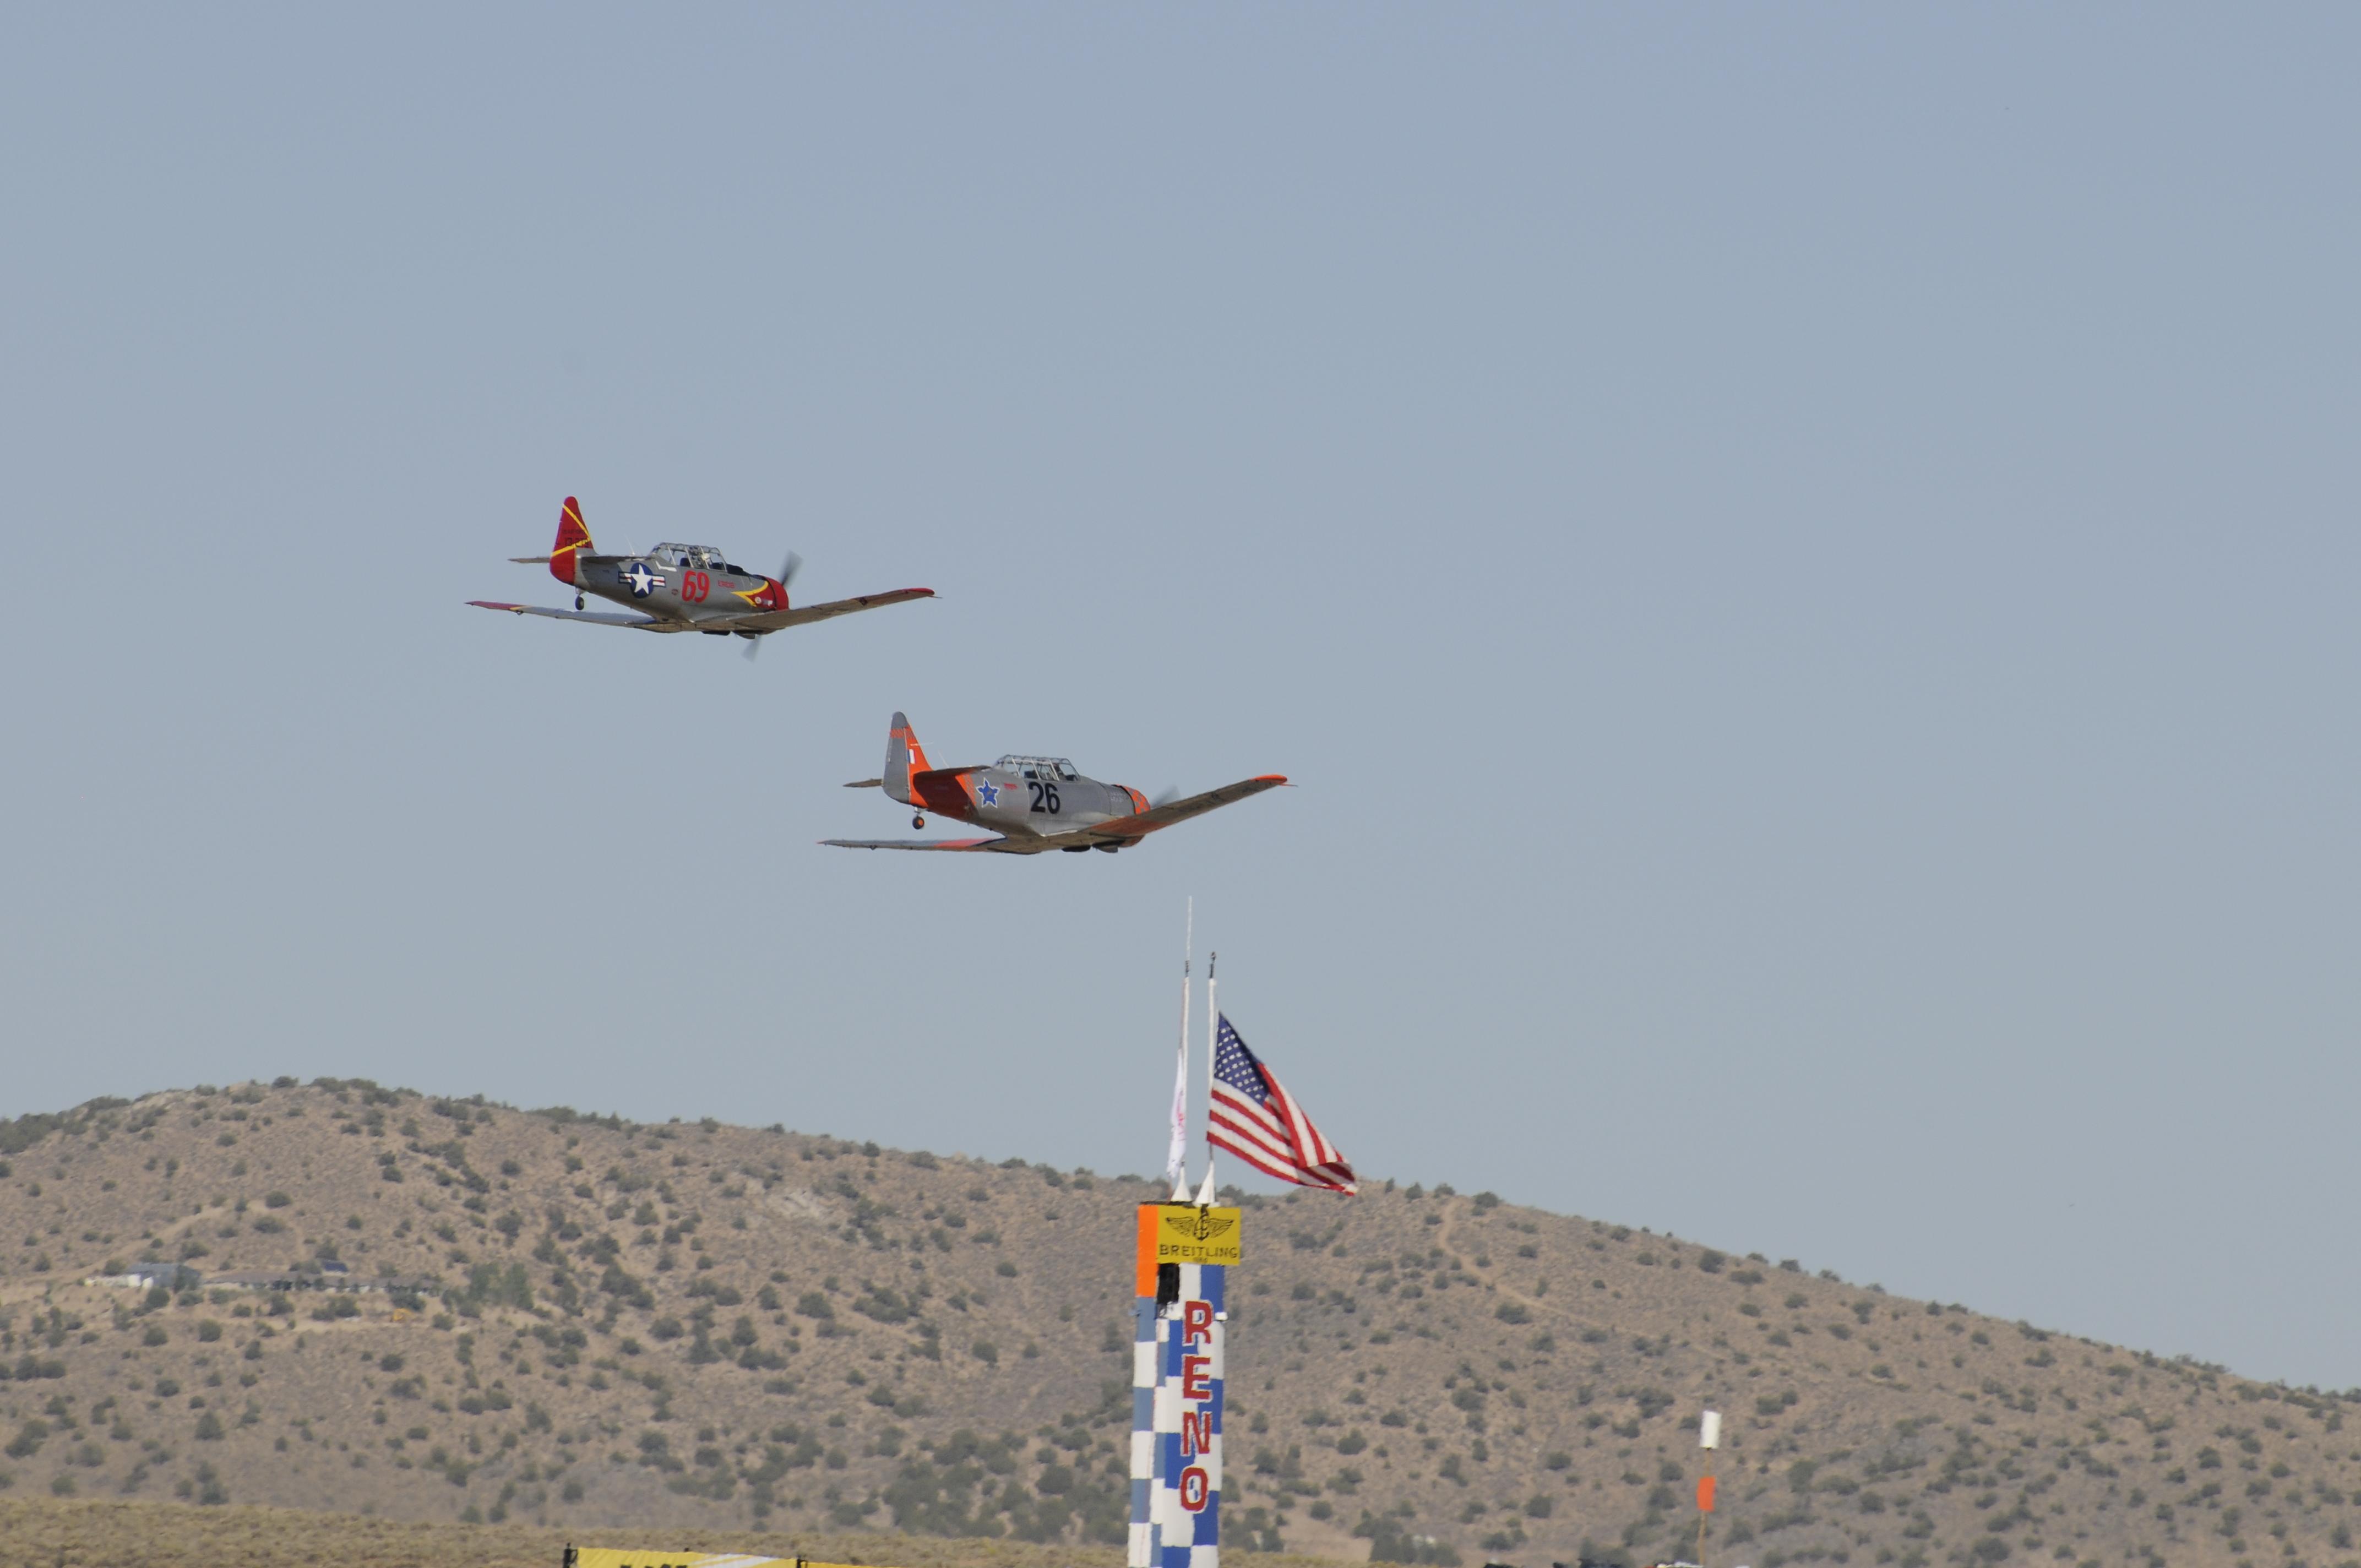 """T-6 Race #69 """"Eros"""", Pilot Lee Oman & Race #26 """"Happy Hour"""", Pilot Jim Thomas"""